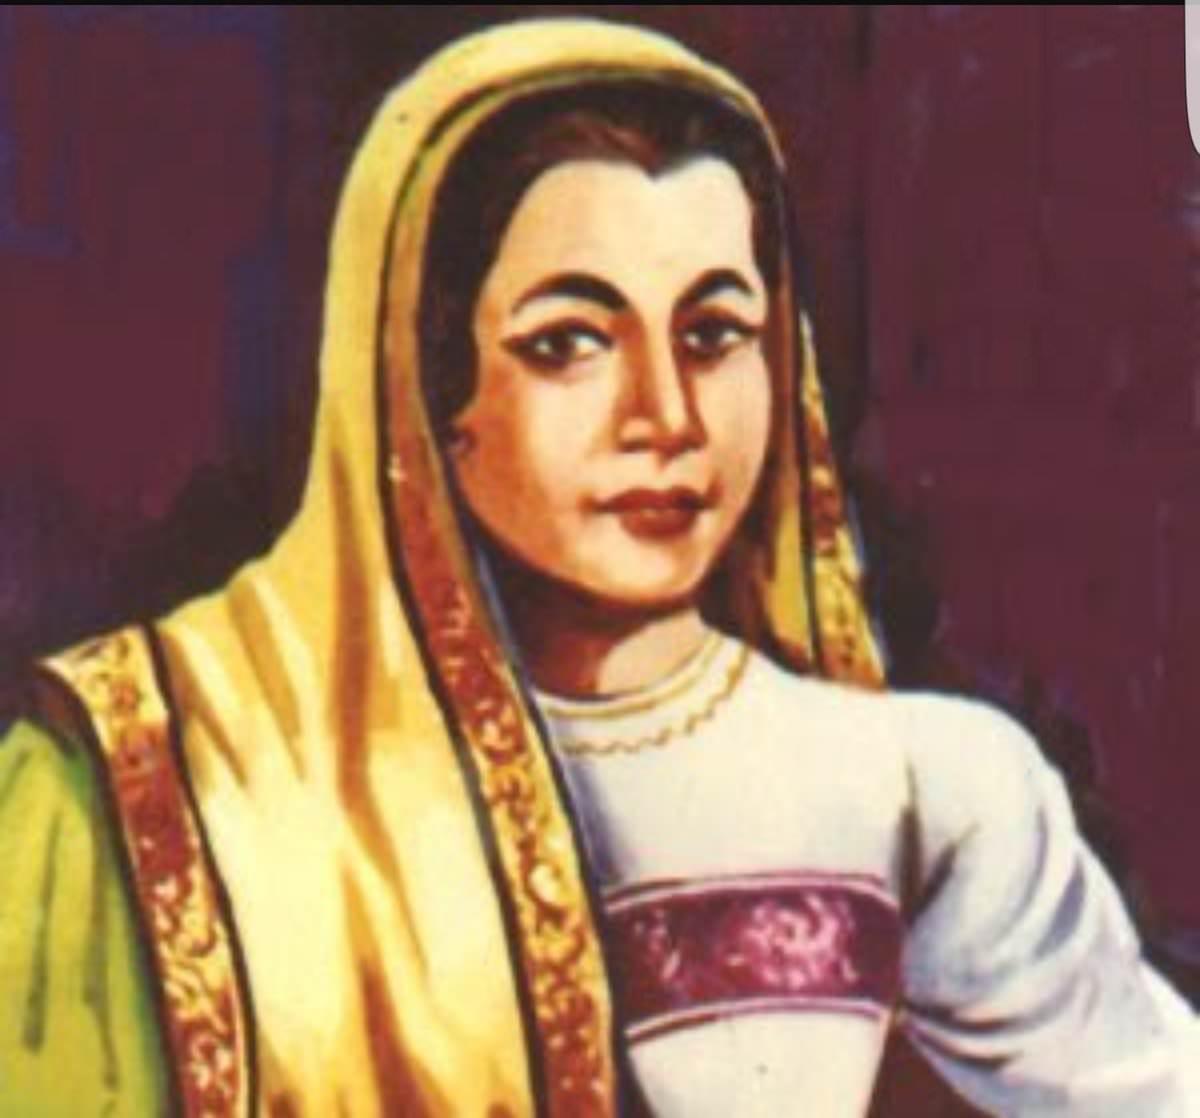 क्रान्ति प्रसूता: भीकाजी कामा   #IndianWomenInHistory